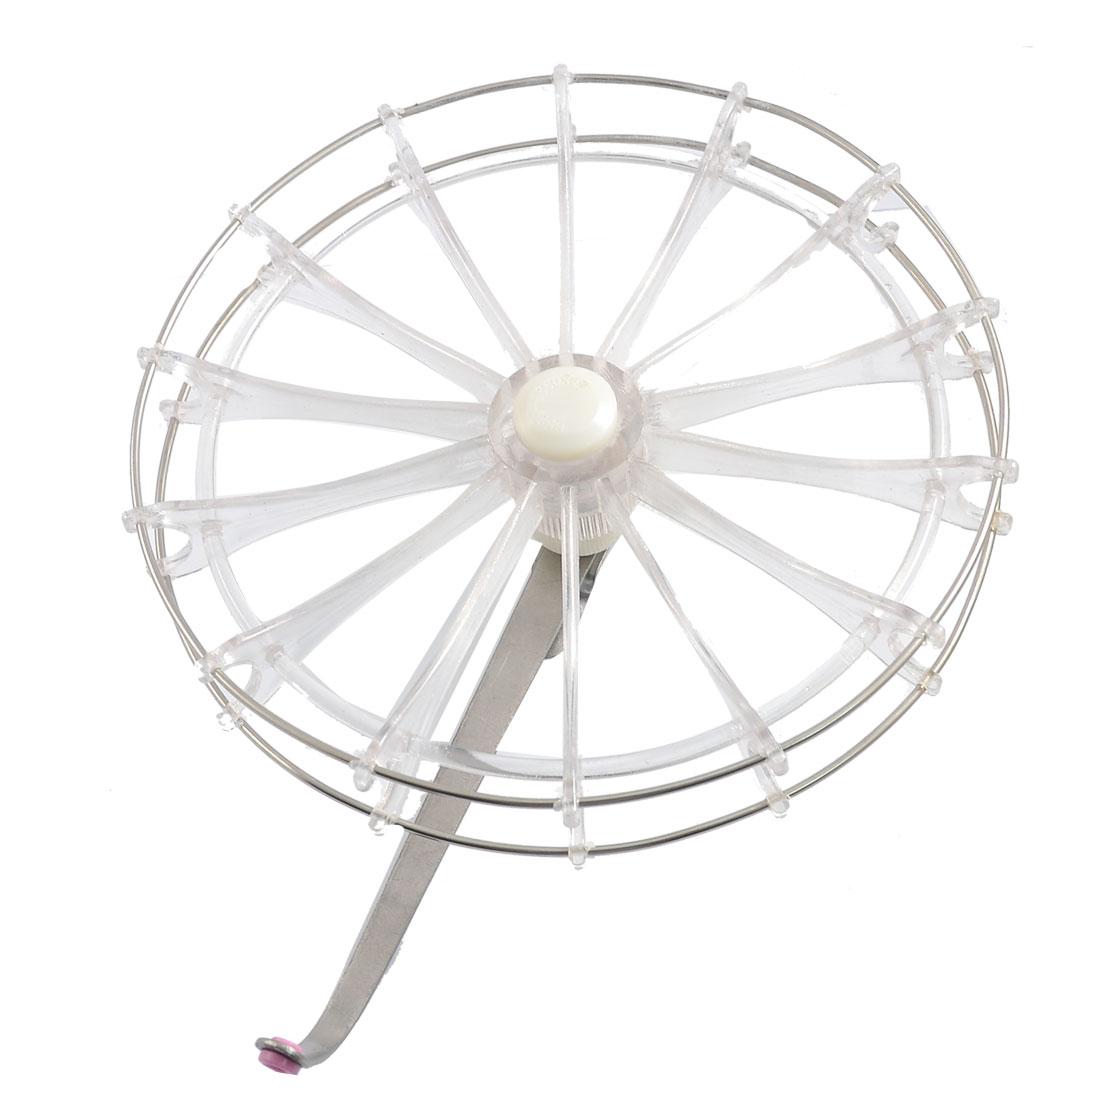 Silver Tone Clear 170mm Diameter Fly Fishing Wheel Reel Spool